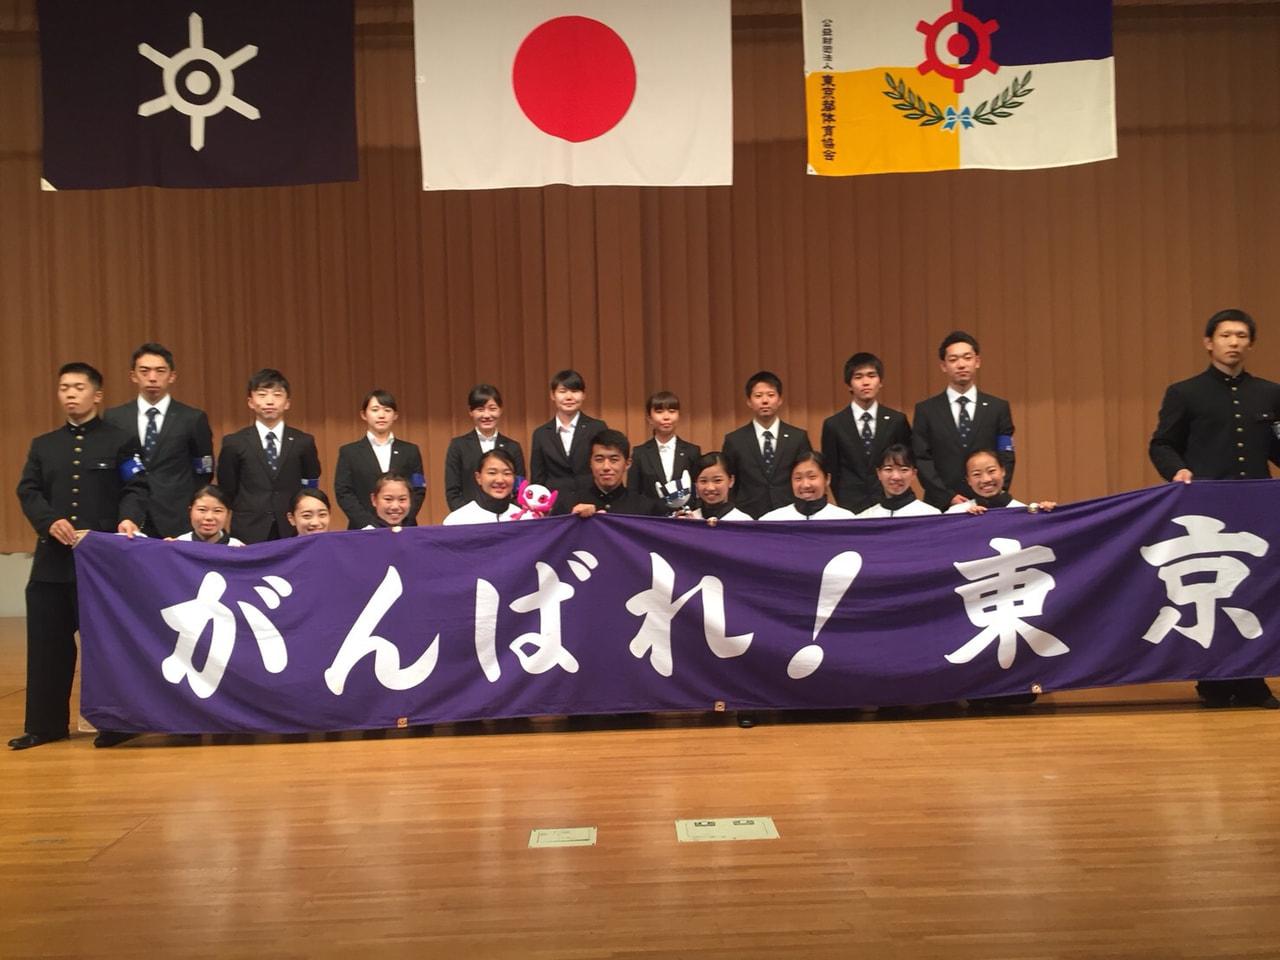 第73回国民体育大会東京都選手団結団式